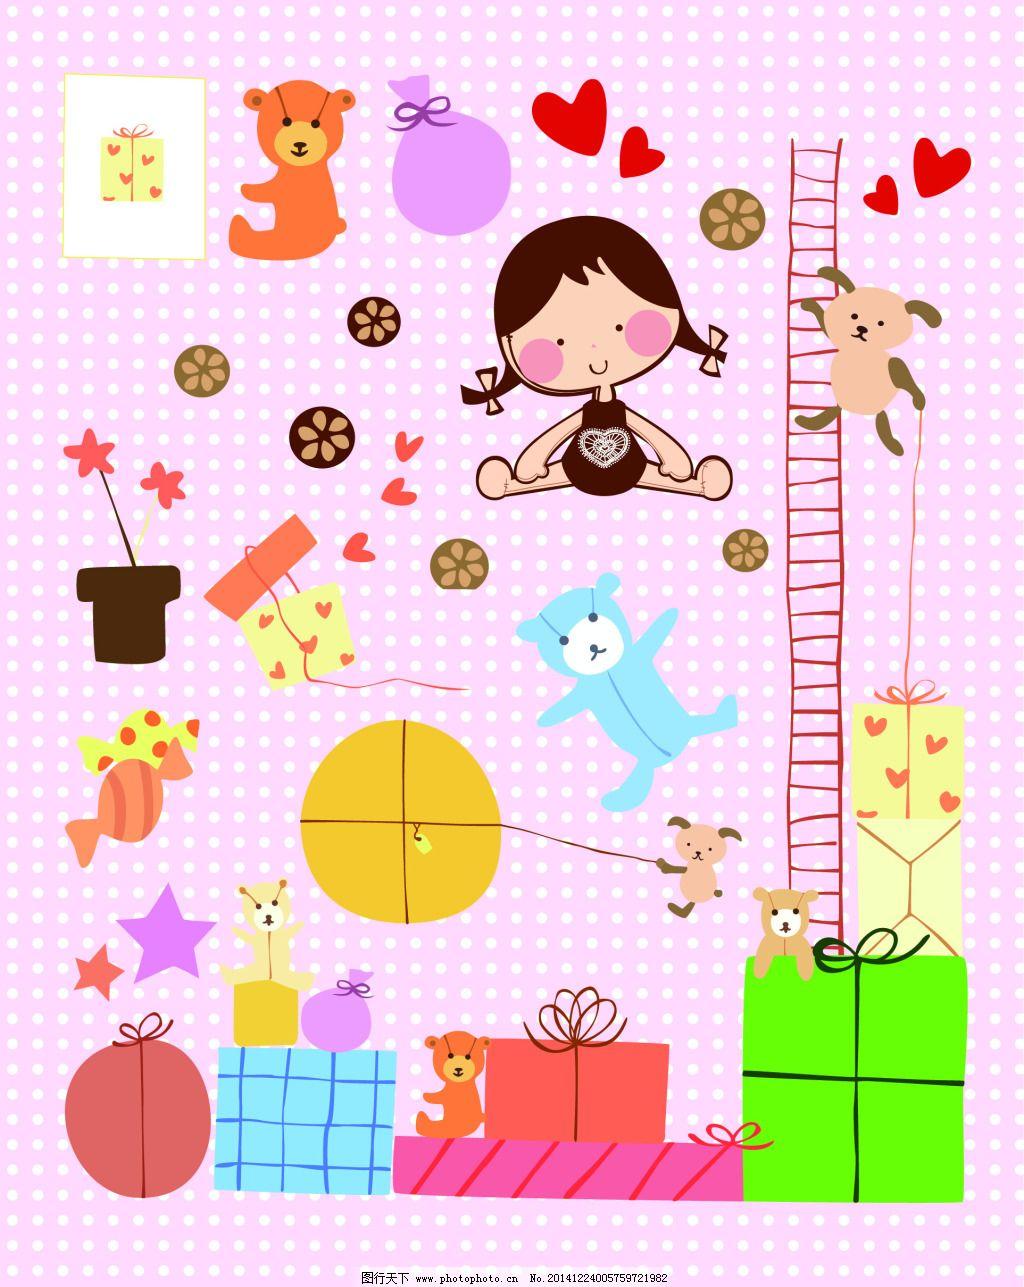 卡通矢量图免费下载 彩色 礼盒 楼梯 糖果 小女孩 小熊 心形 星星